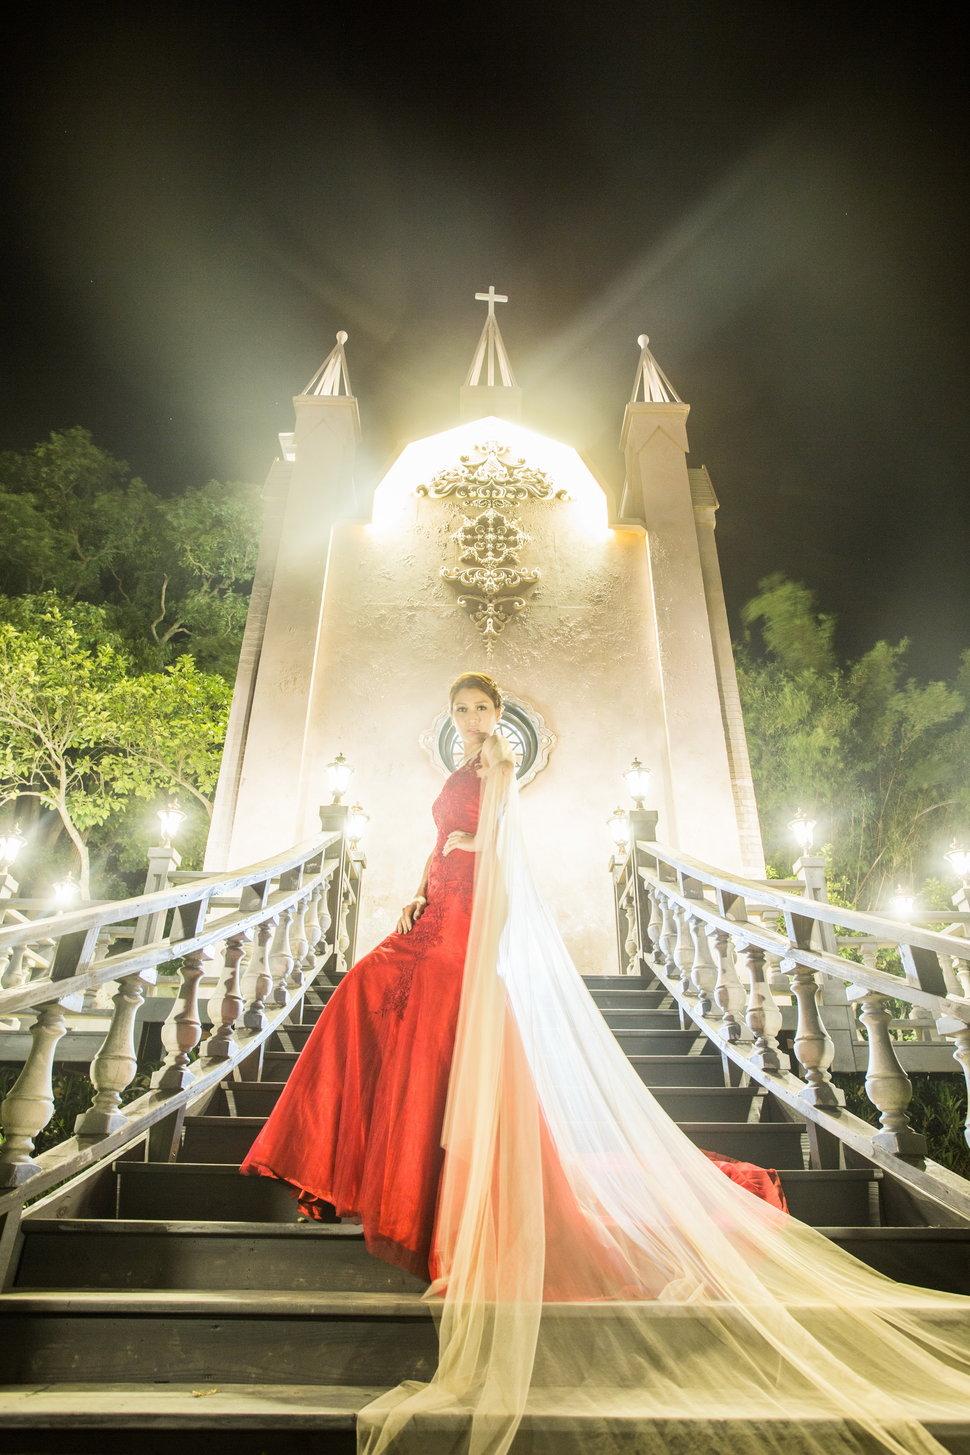 希臘婚禮 婚紗 攝影 手工婚紗禮服 超美(編號:377083) - 希臘婚禮  婚紗  攝影 - 結婚吧